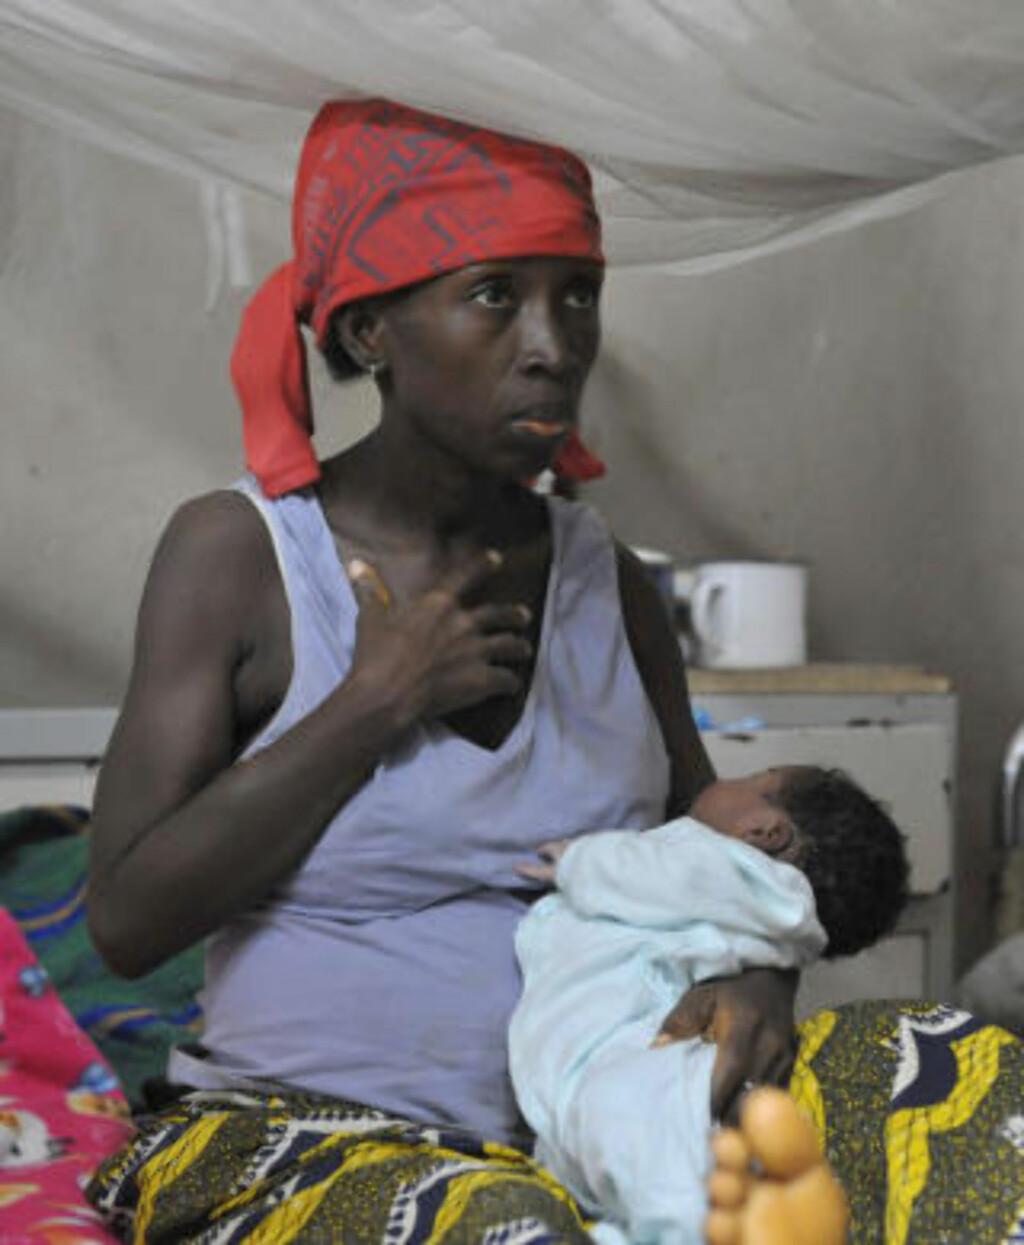 SIERRA LEONE: En kvinne holder en baby på et sykehus i Freetown i Sierra Leone. I landet dør hver åttende gravide kvinne i forbindelse med svangerskap eller fødsel, og av 1000 fødte babyer dør 282 i løpet av de første fem leveårene. Kun 24 % av kvinnene kan lese og skrive. Sierra Leone regnes av CARE som verdens fjerde verste land for kvinner. Foto: AFP PHOTO / ISSOUF SANOGO / SCANPIX